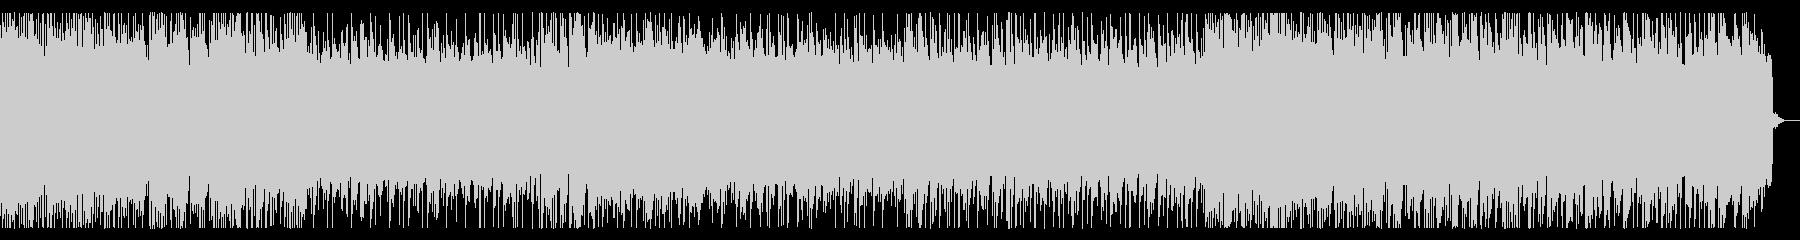 戦闘シーン向けリフ主体のメタル 戦闘曲の未再生の波形